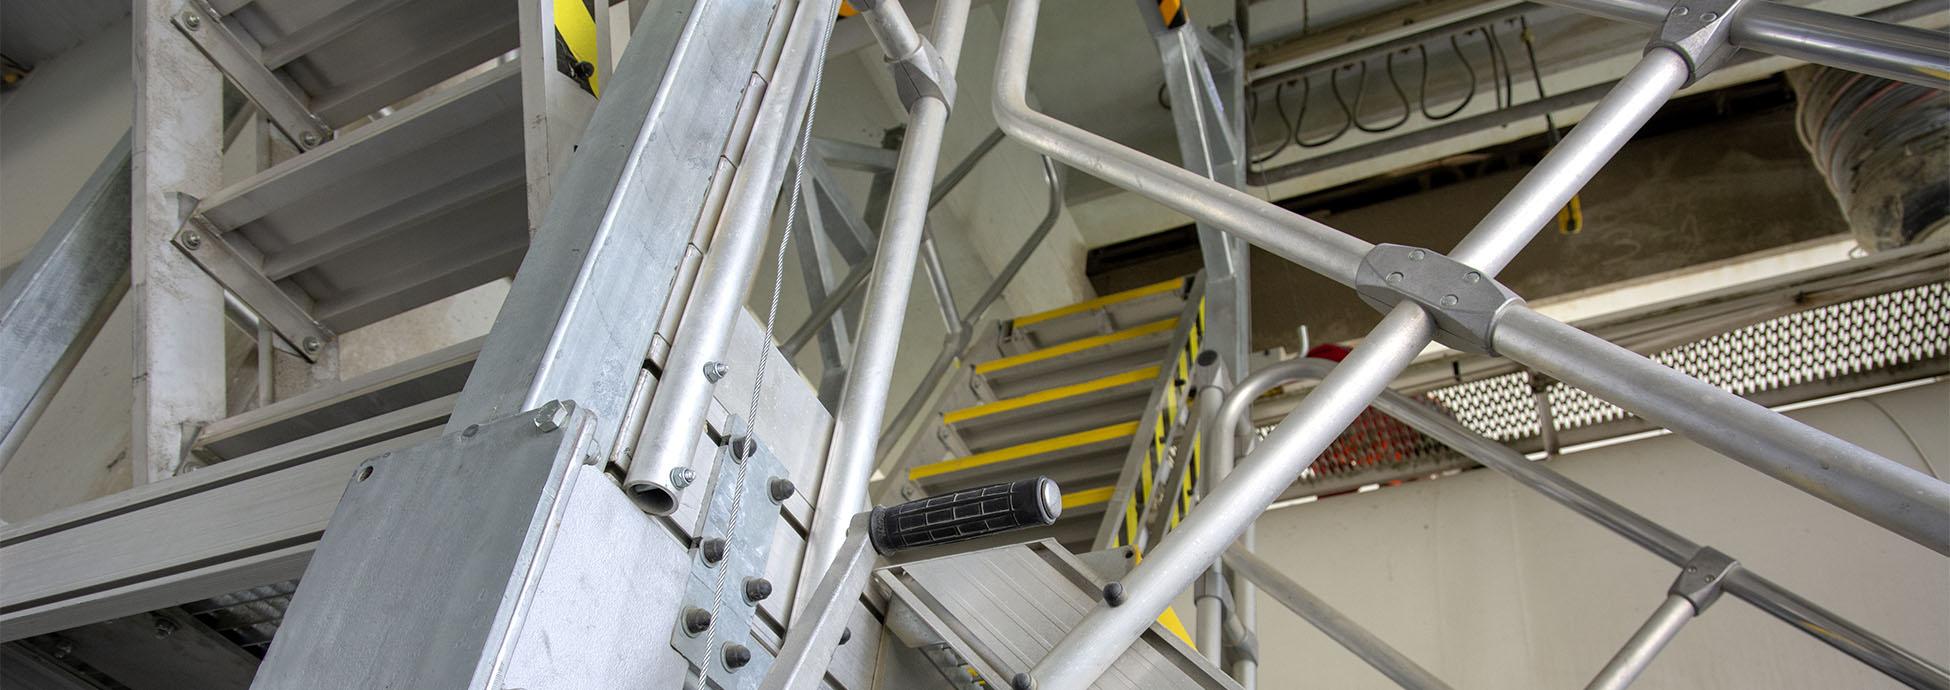 Rögzített, magassághoz igazodó lépcső silójárművek  megközelítéséhez